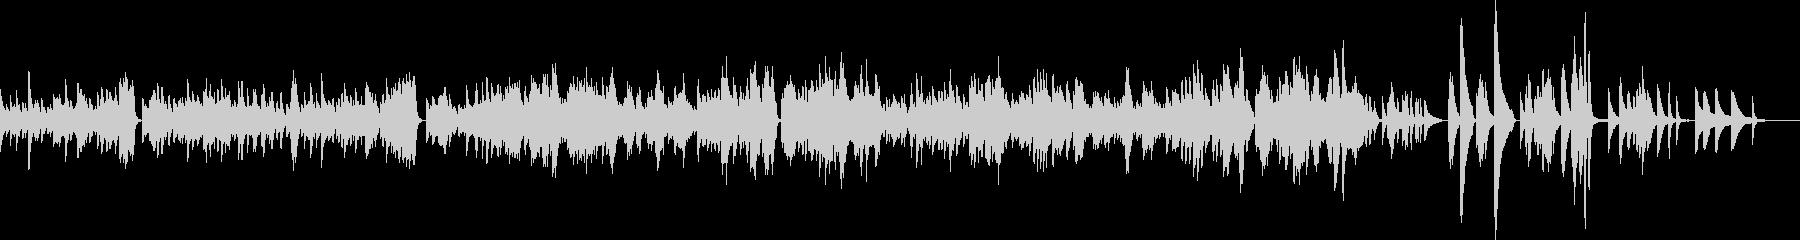 ショパン ノクターン Op32-No1の未再生の波形